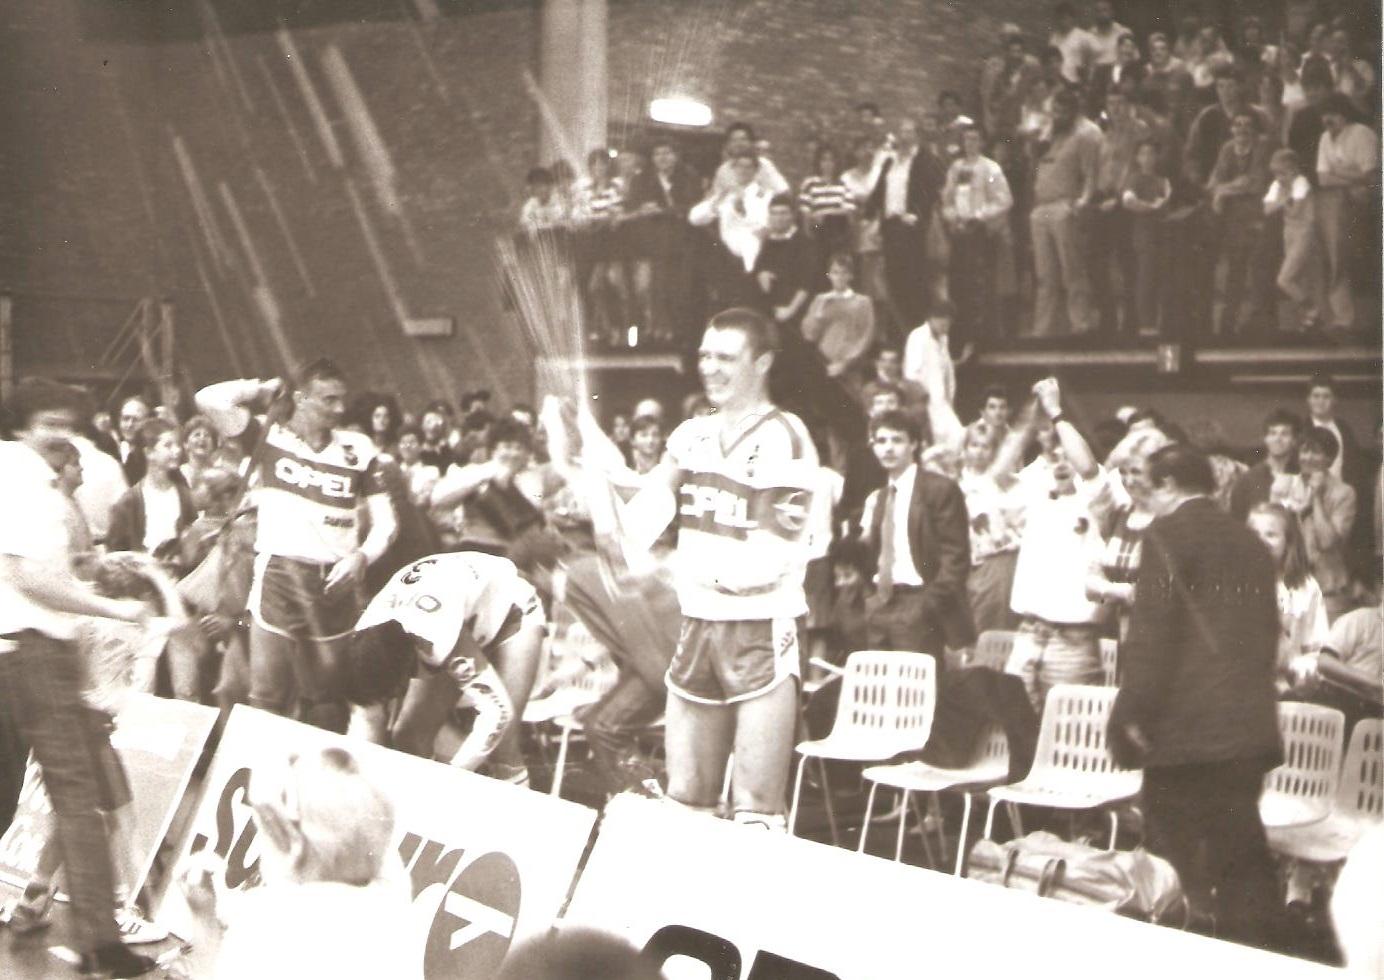 roplabdas_profil_borcsok_csaba_lennik_1988.jpg